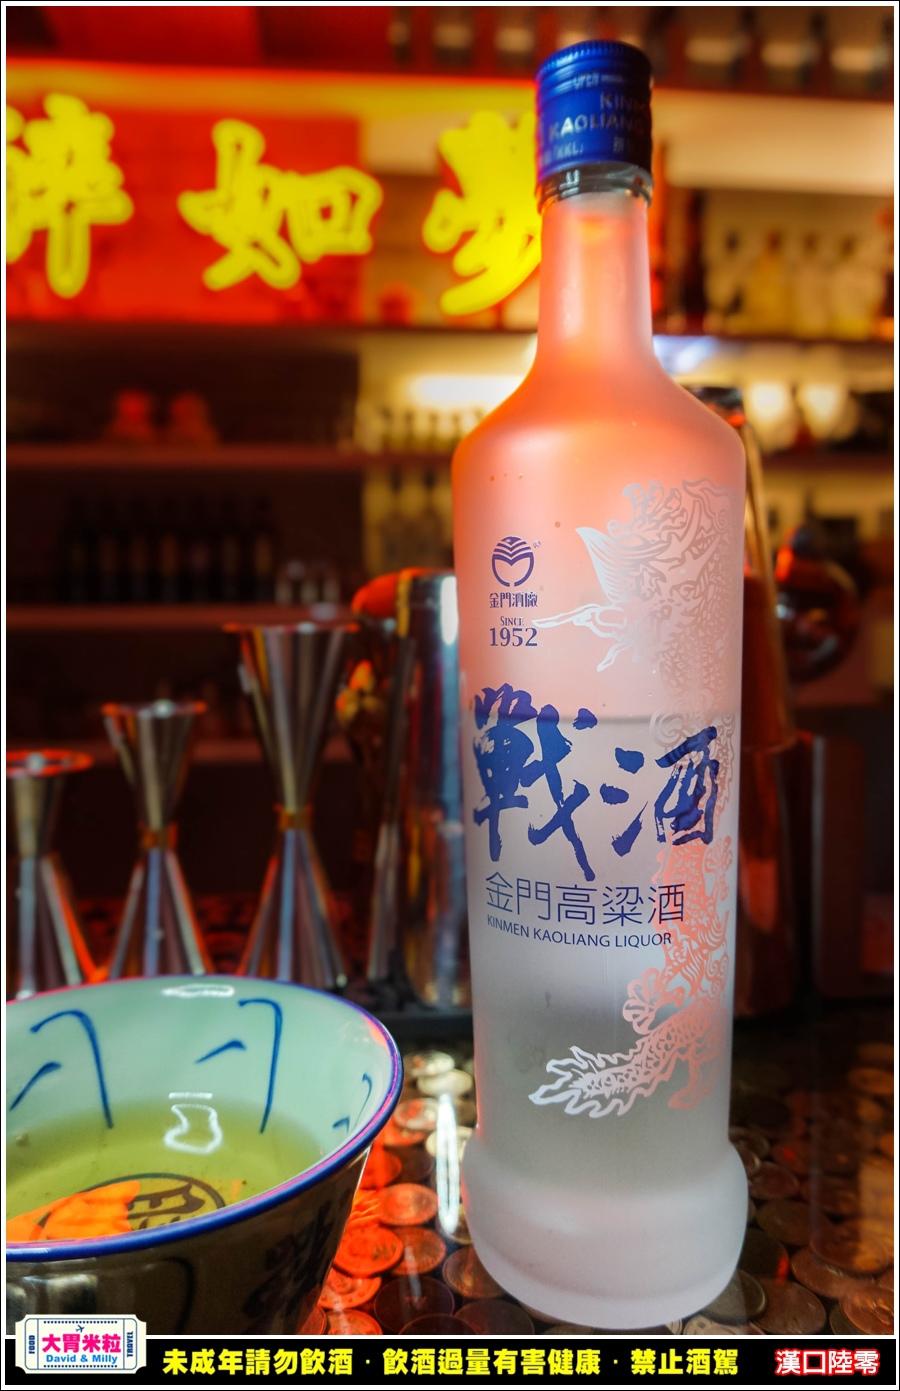 西門町酒吧推薦@HANKO 60 漢口陸零x戰酒金門高粱酒@大胃米粒0016.jpg